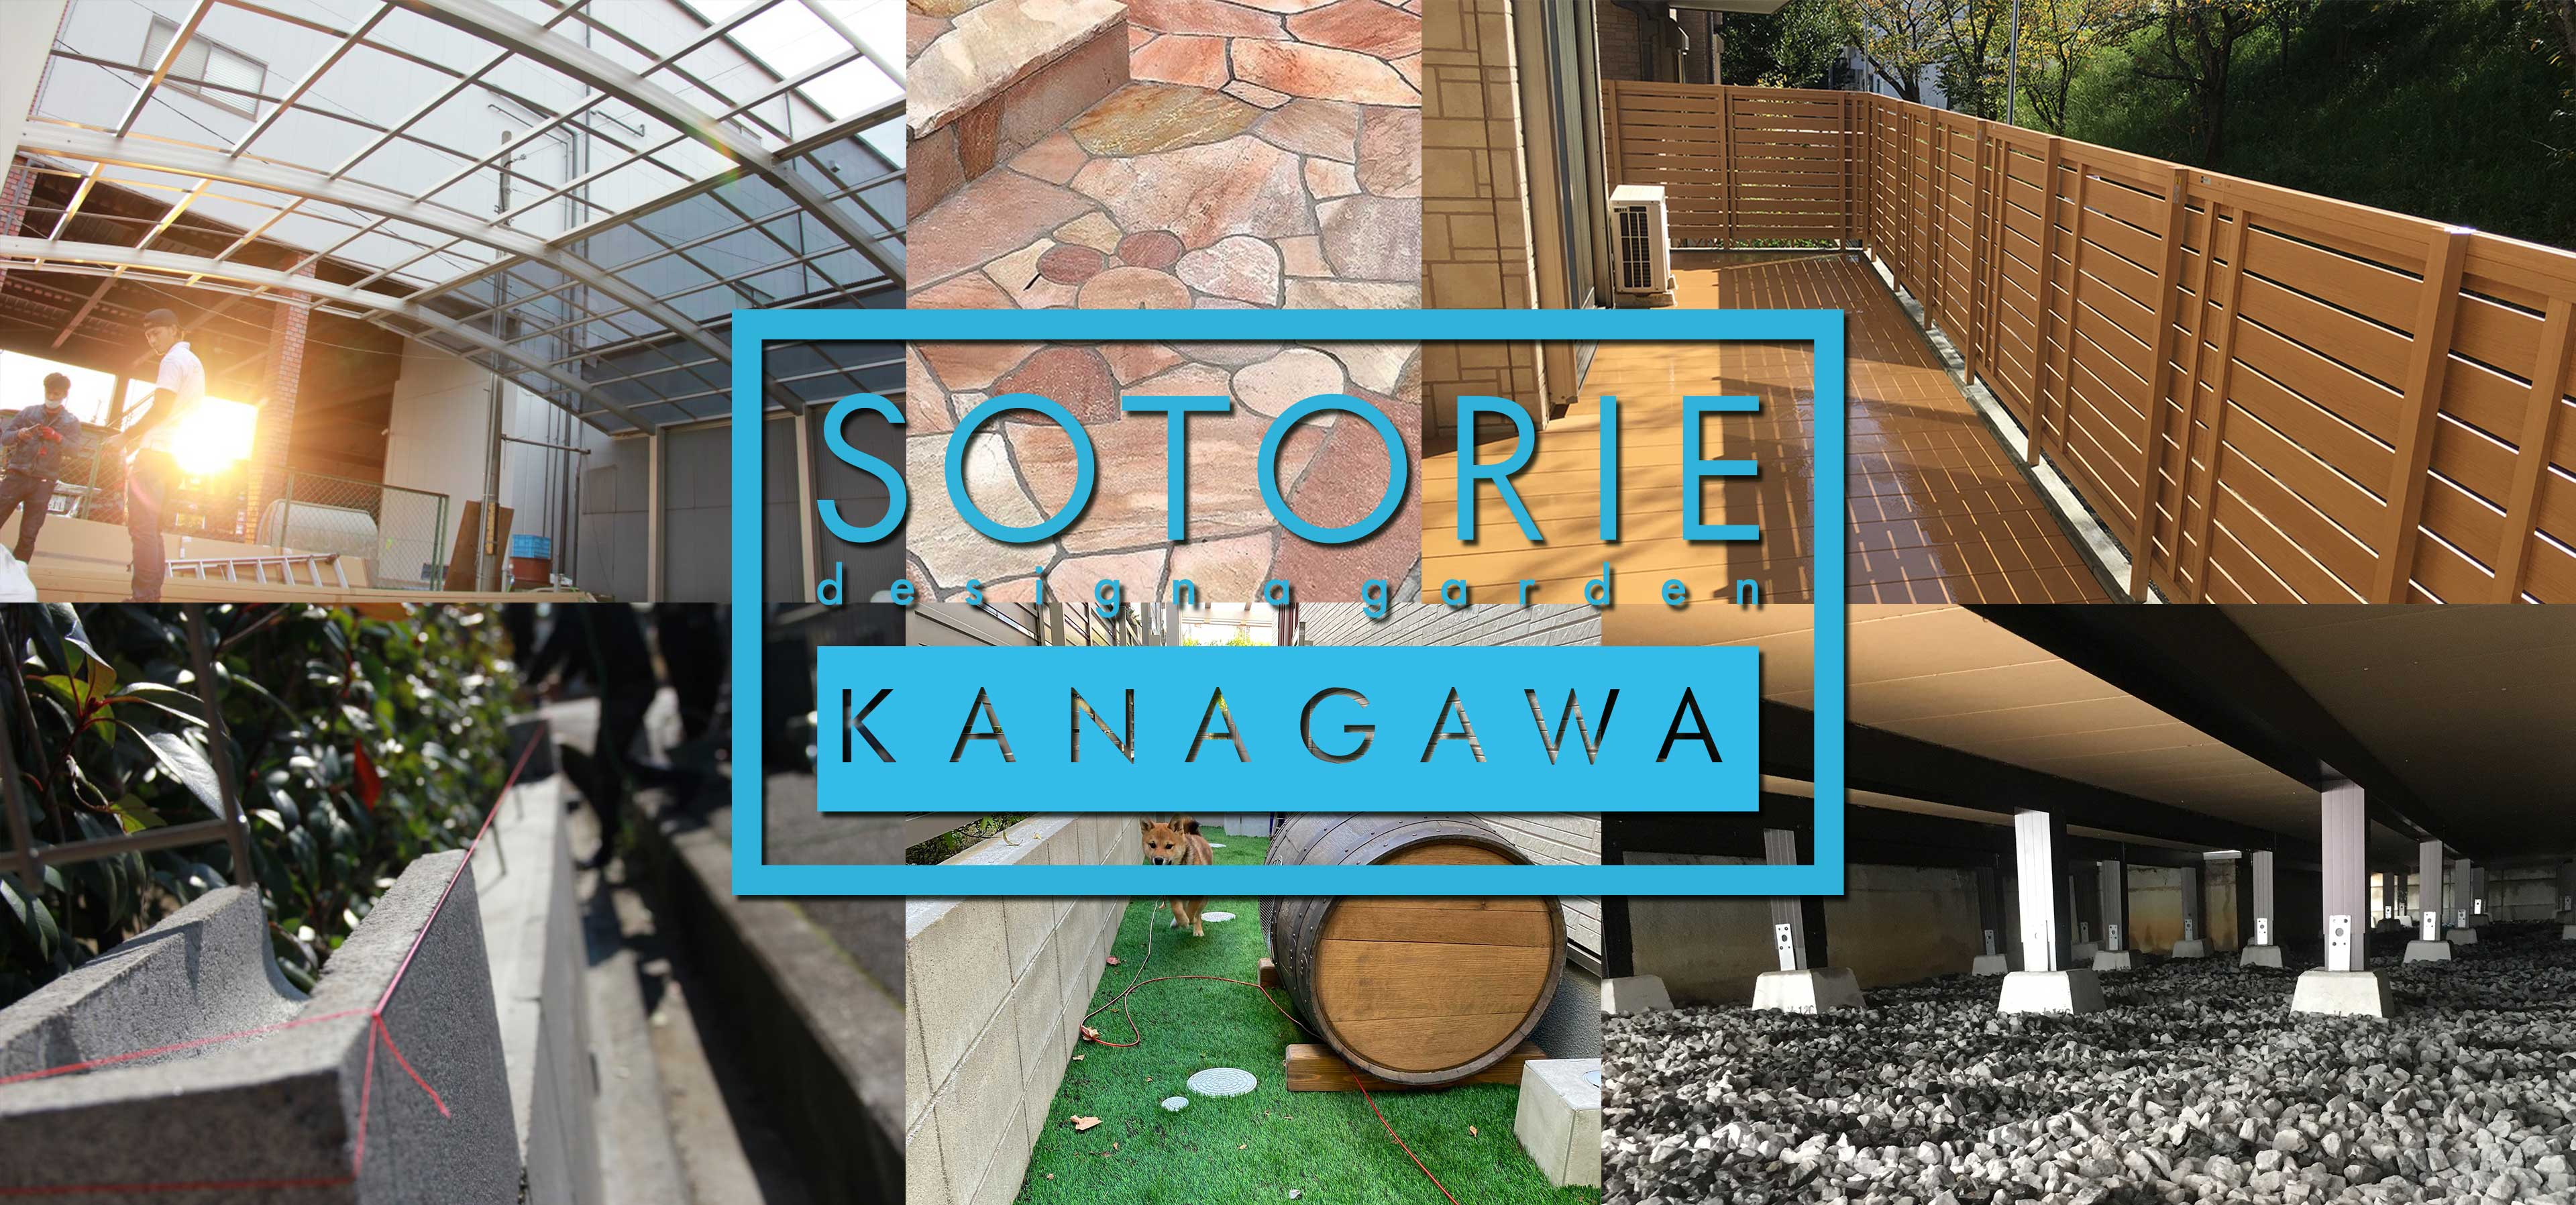 ソトリエ神奈川では、家周りと庭周りの外構、エクステリア工事をおしゃれなデザインと高い施工品質でご提供することをお約束します。